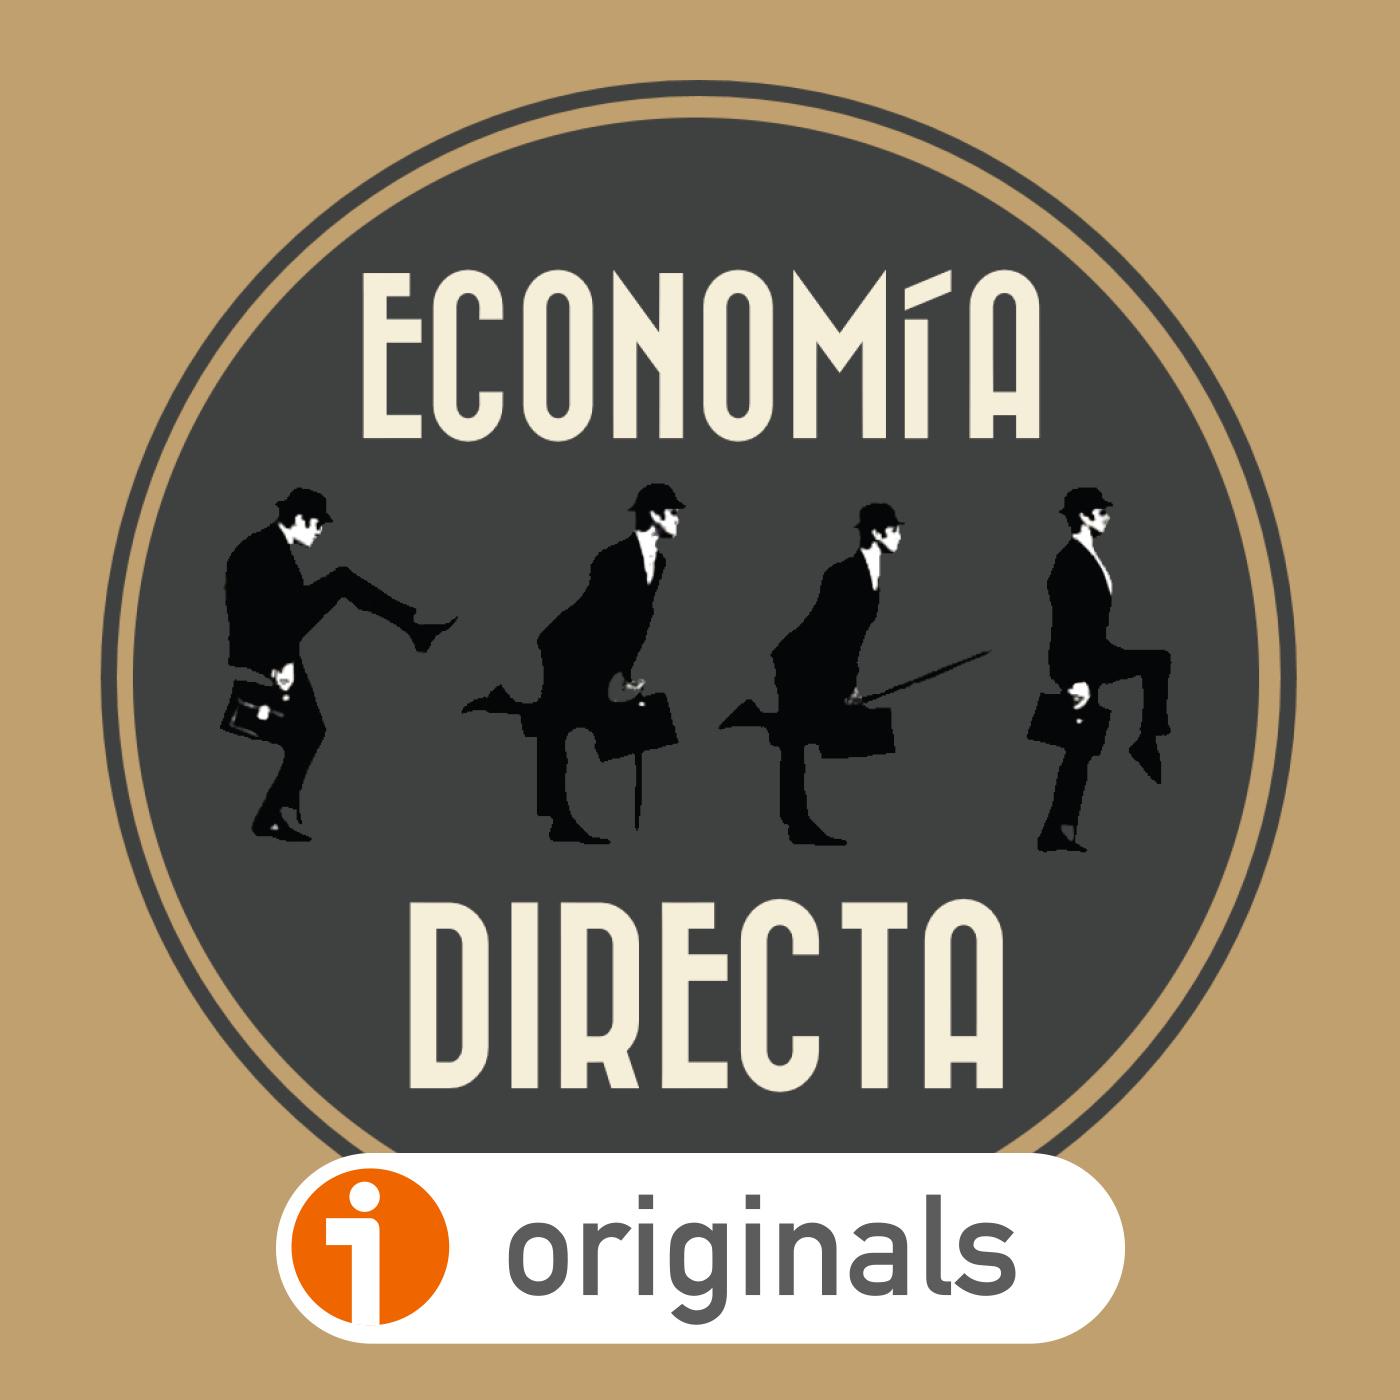 Economia Directa 09-02-2012: la desgraciada situación de la economía española